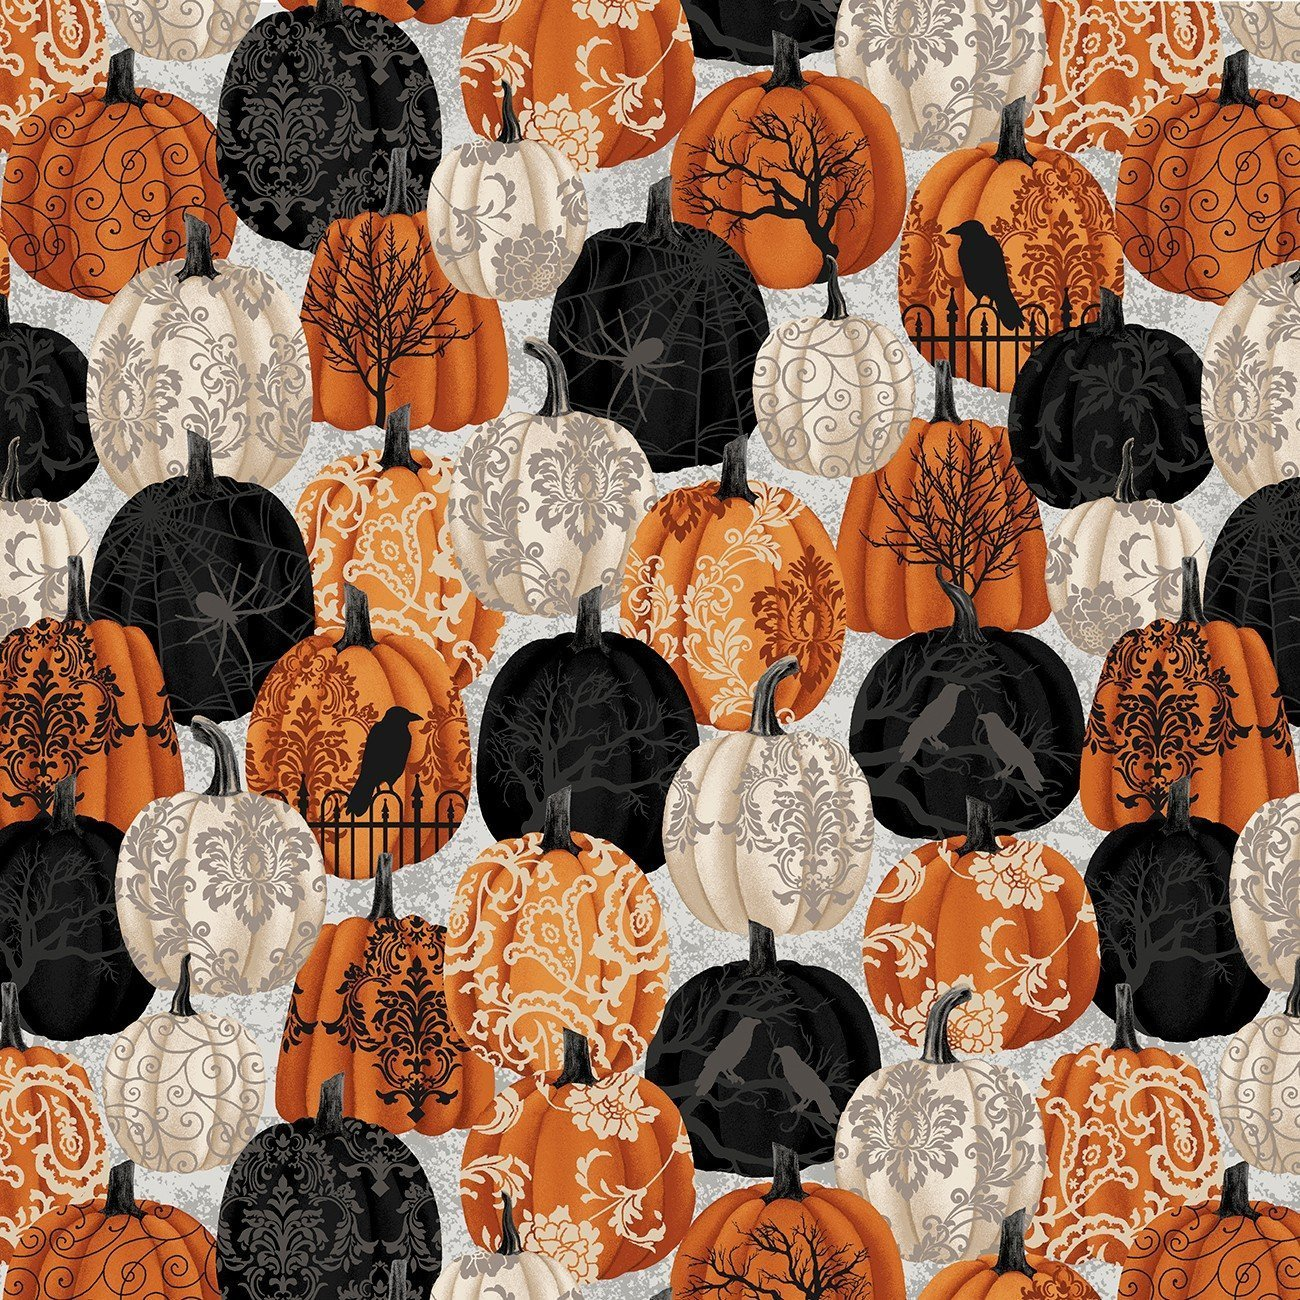 Spooky Night - Damask Pumpkin